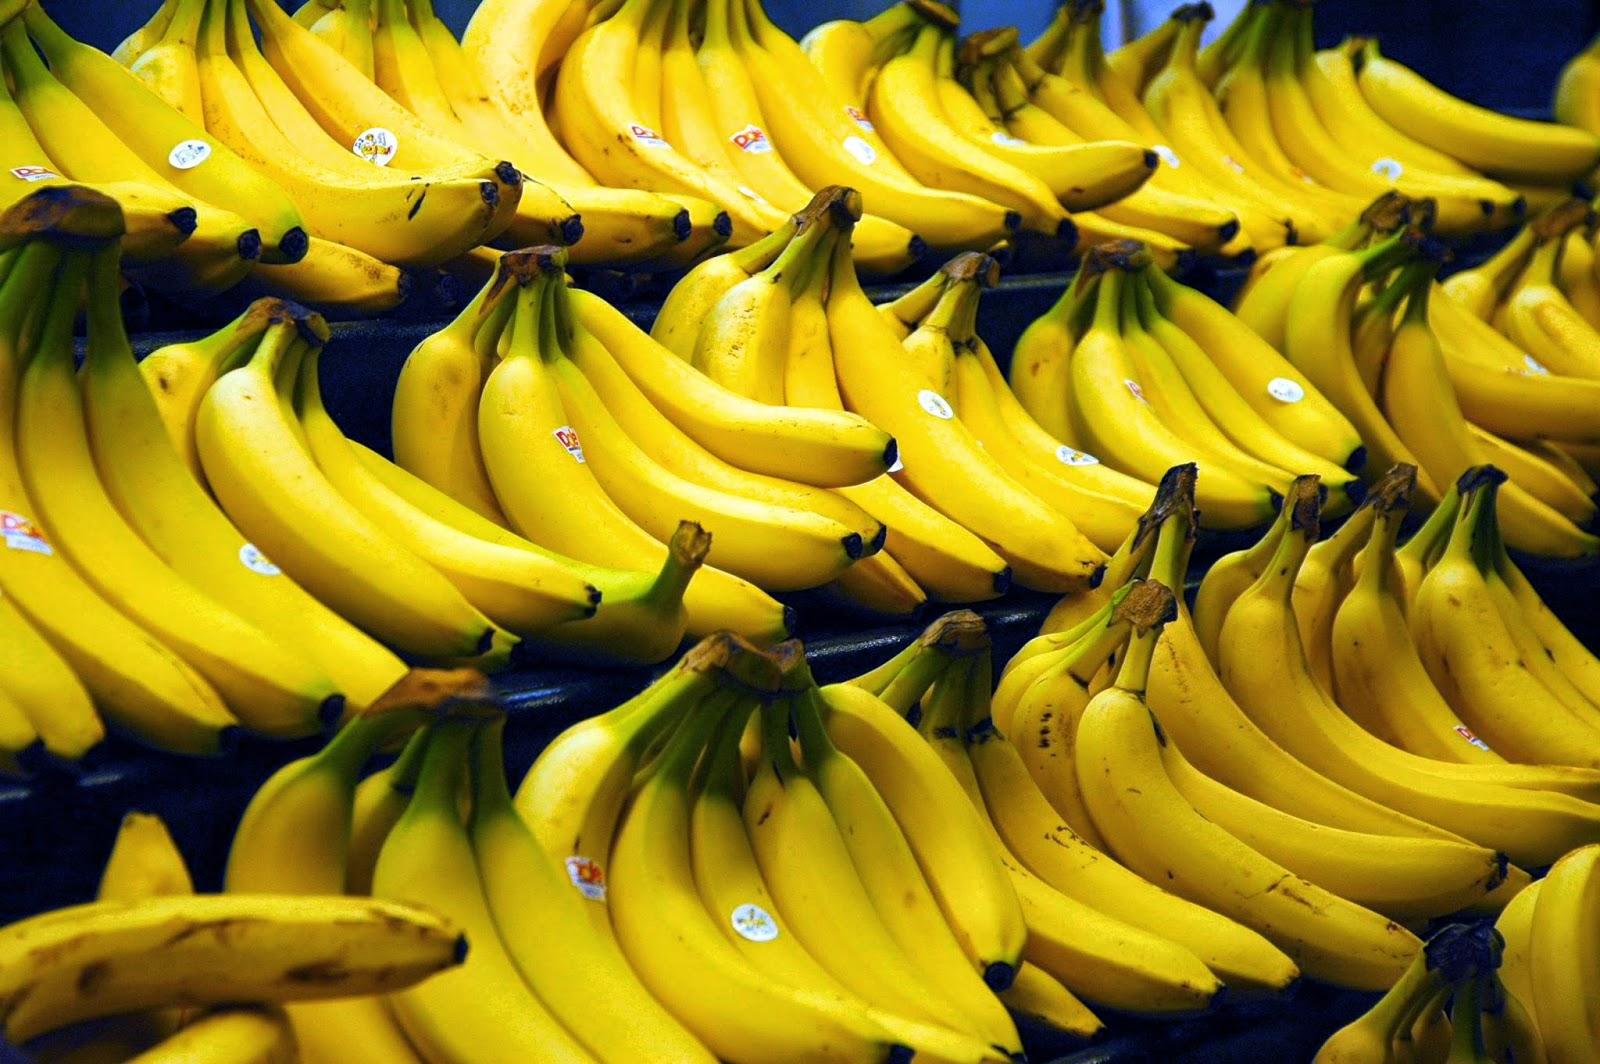 skorka banana na biale zeby